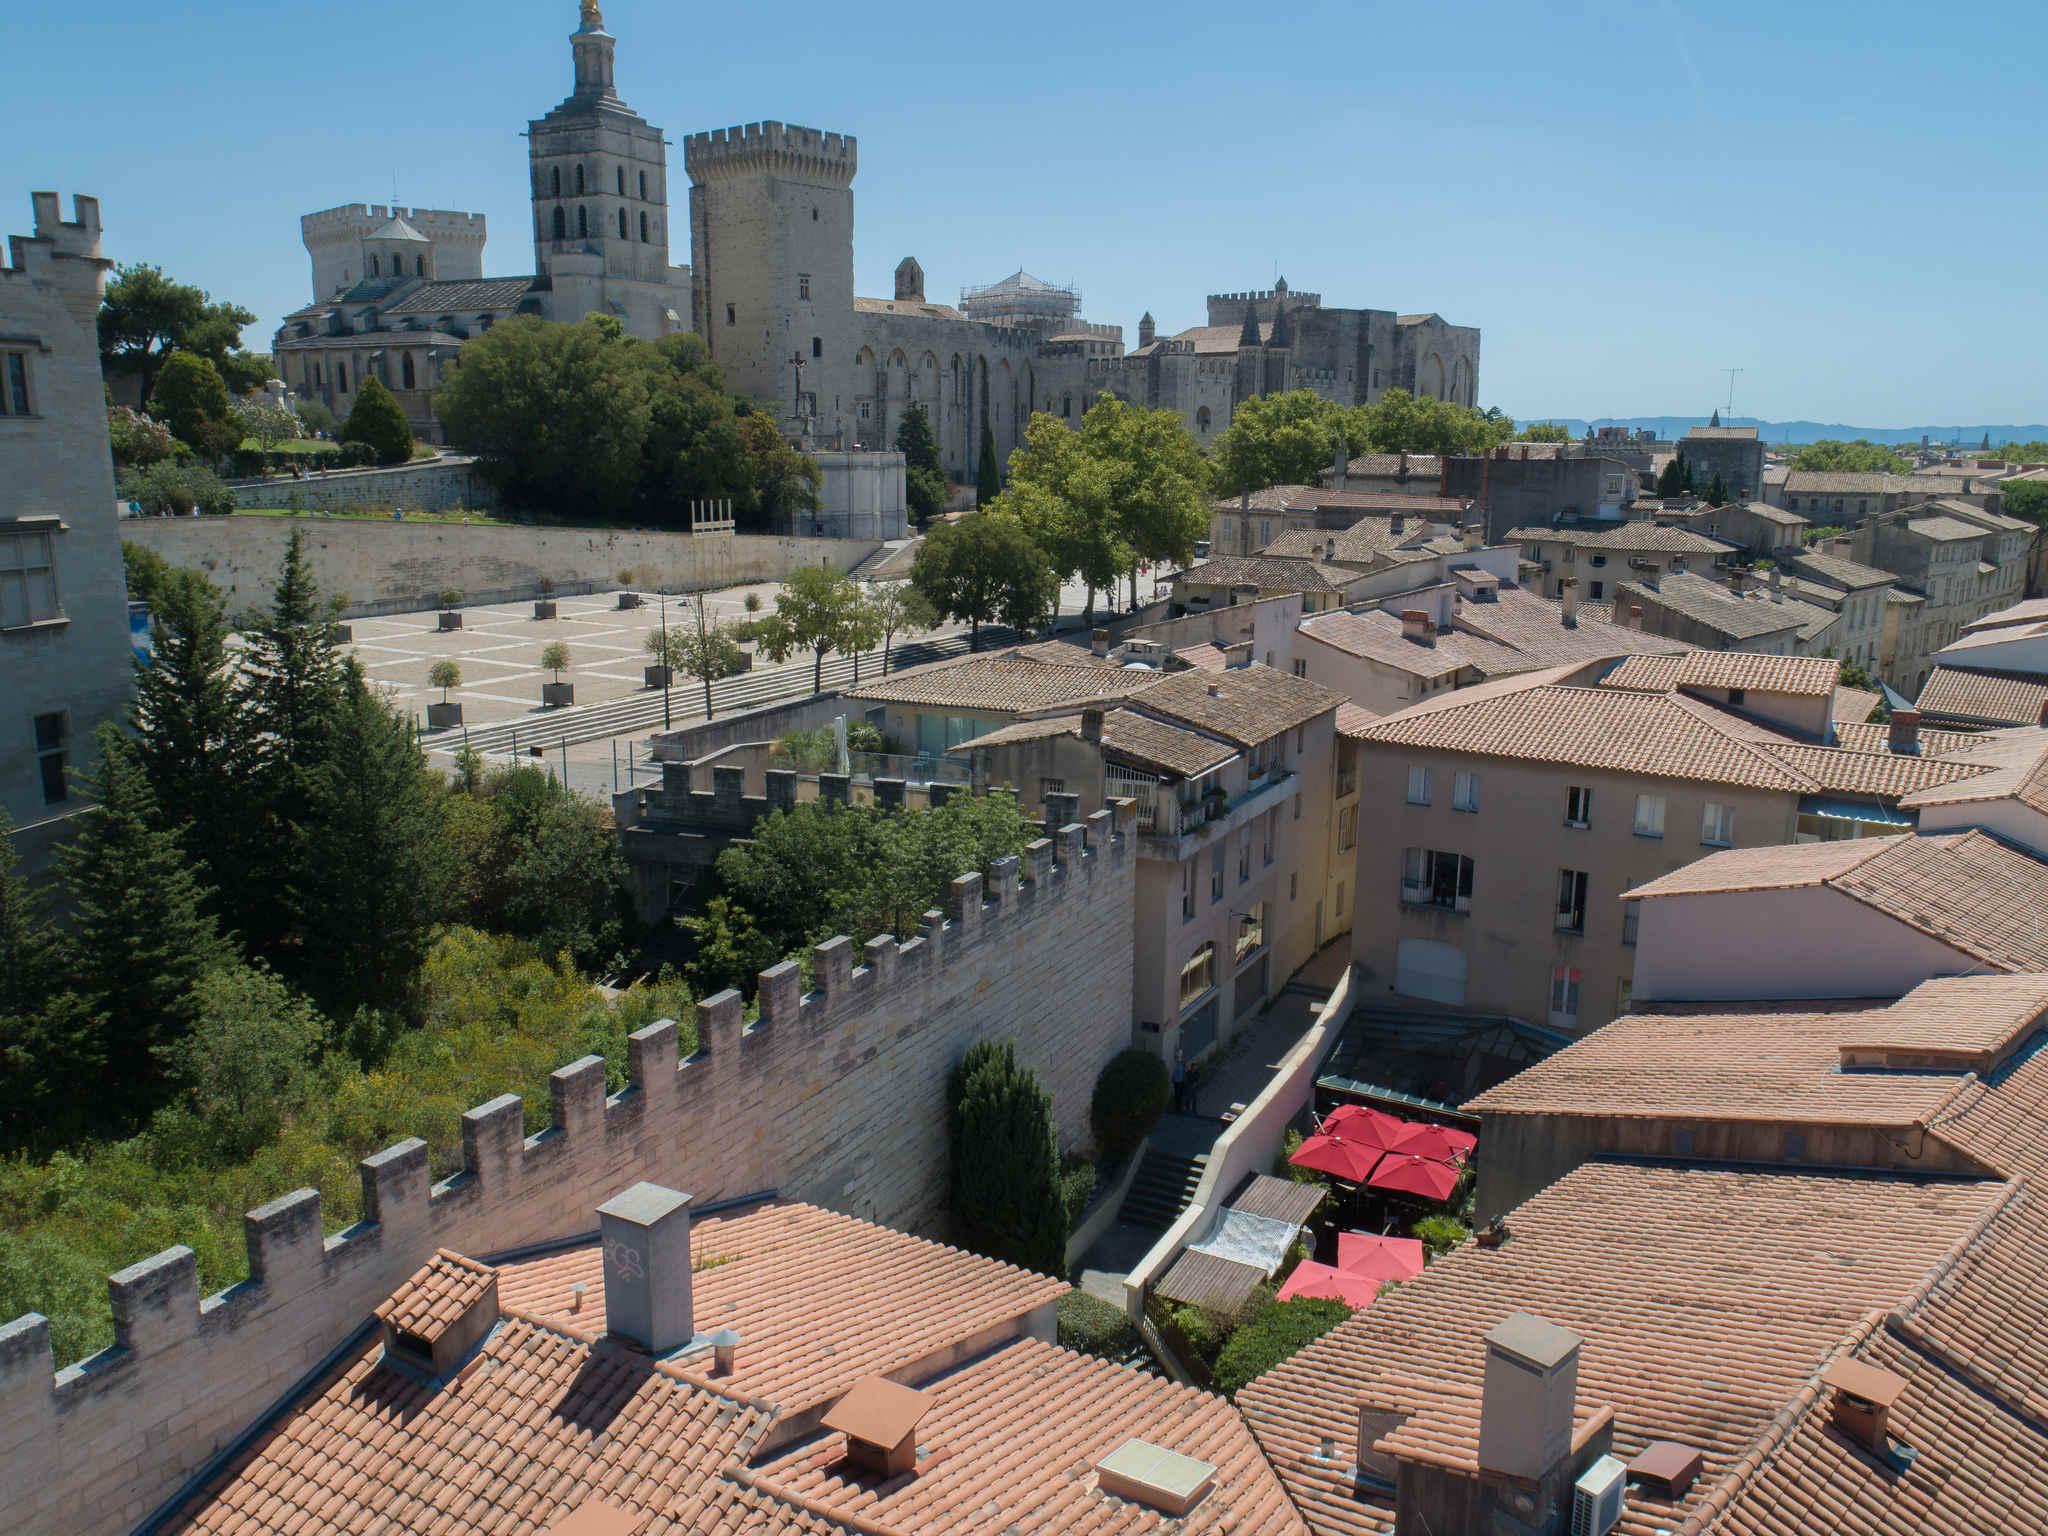 Mercure Pont d'Avignon